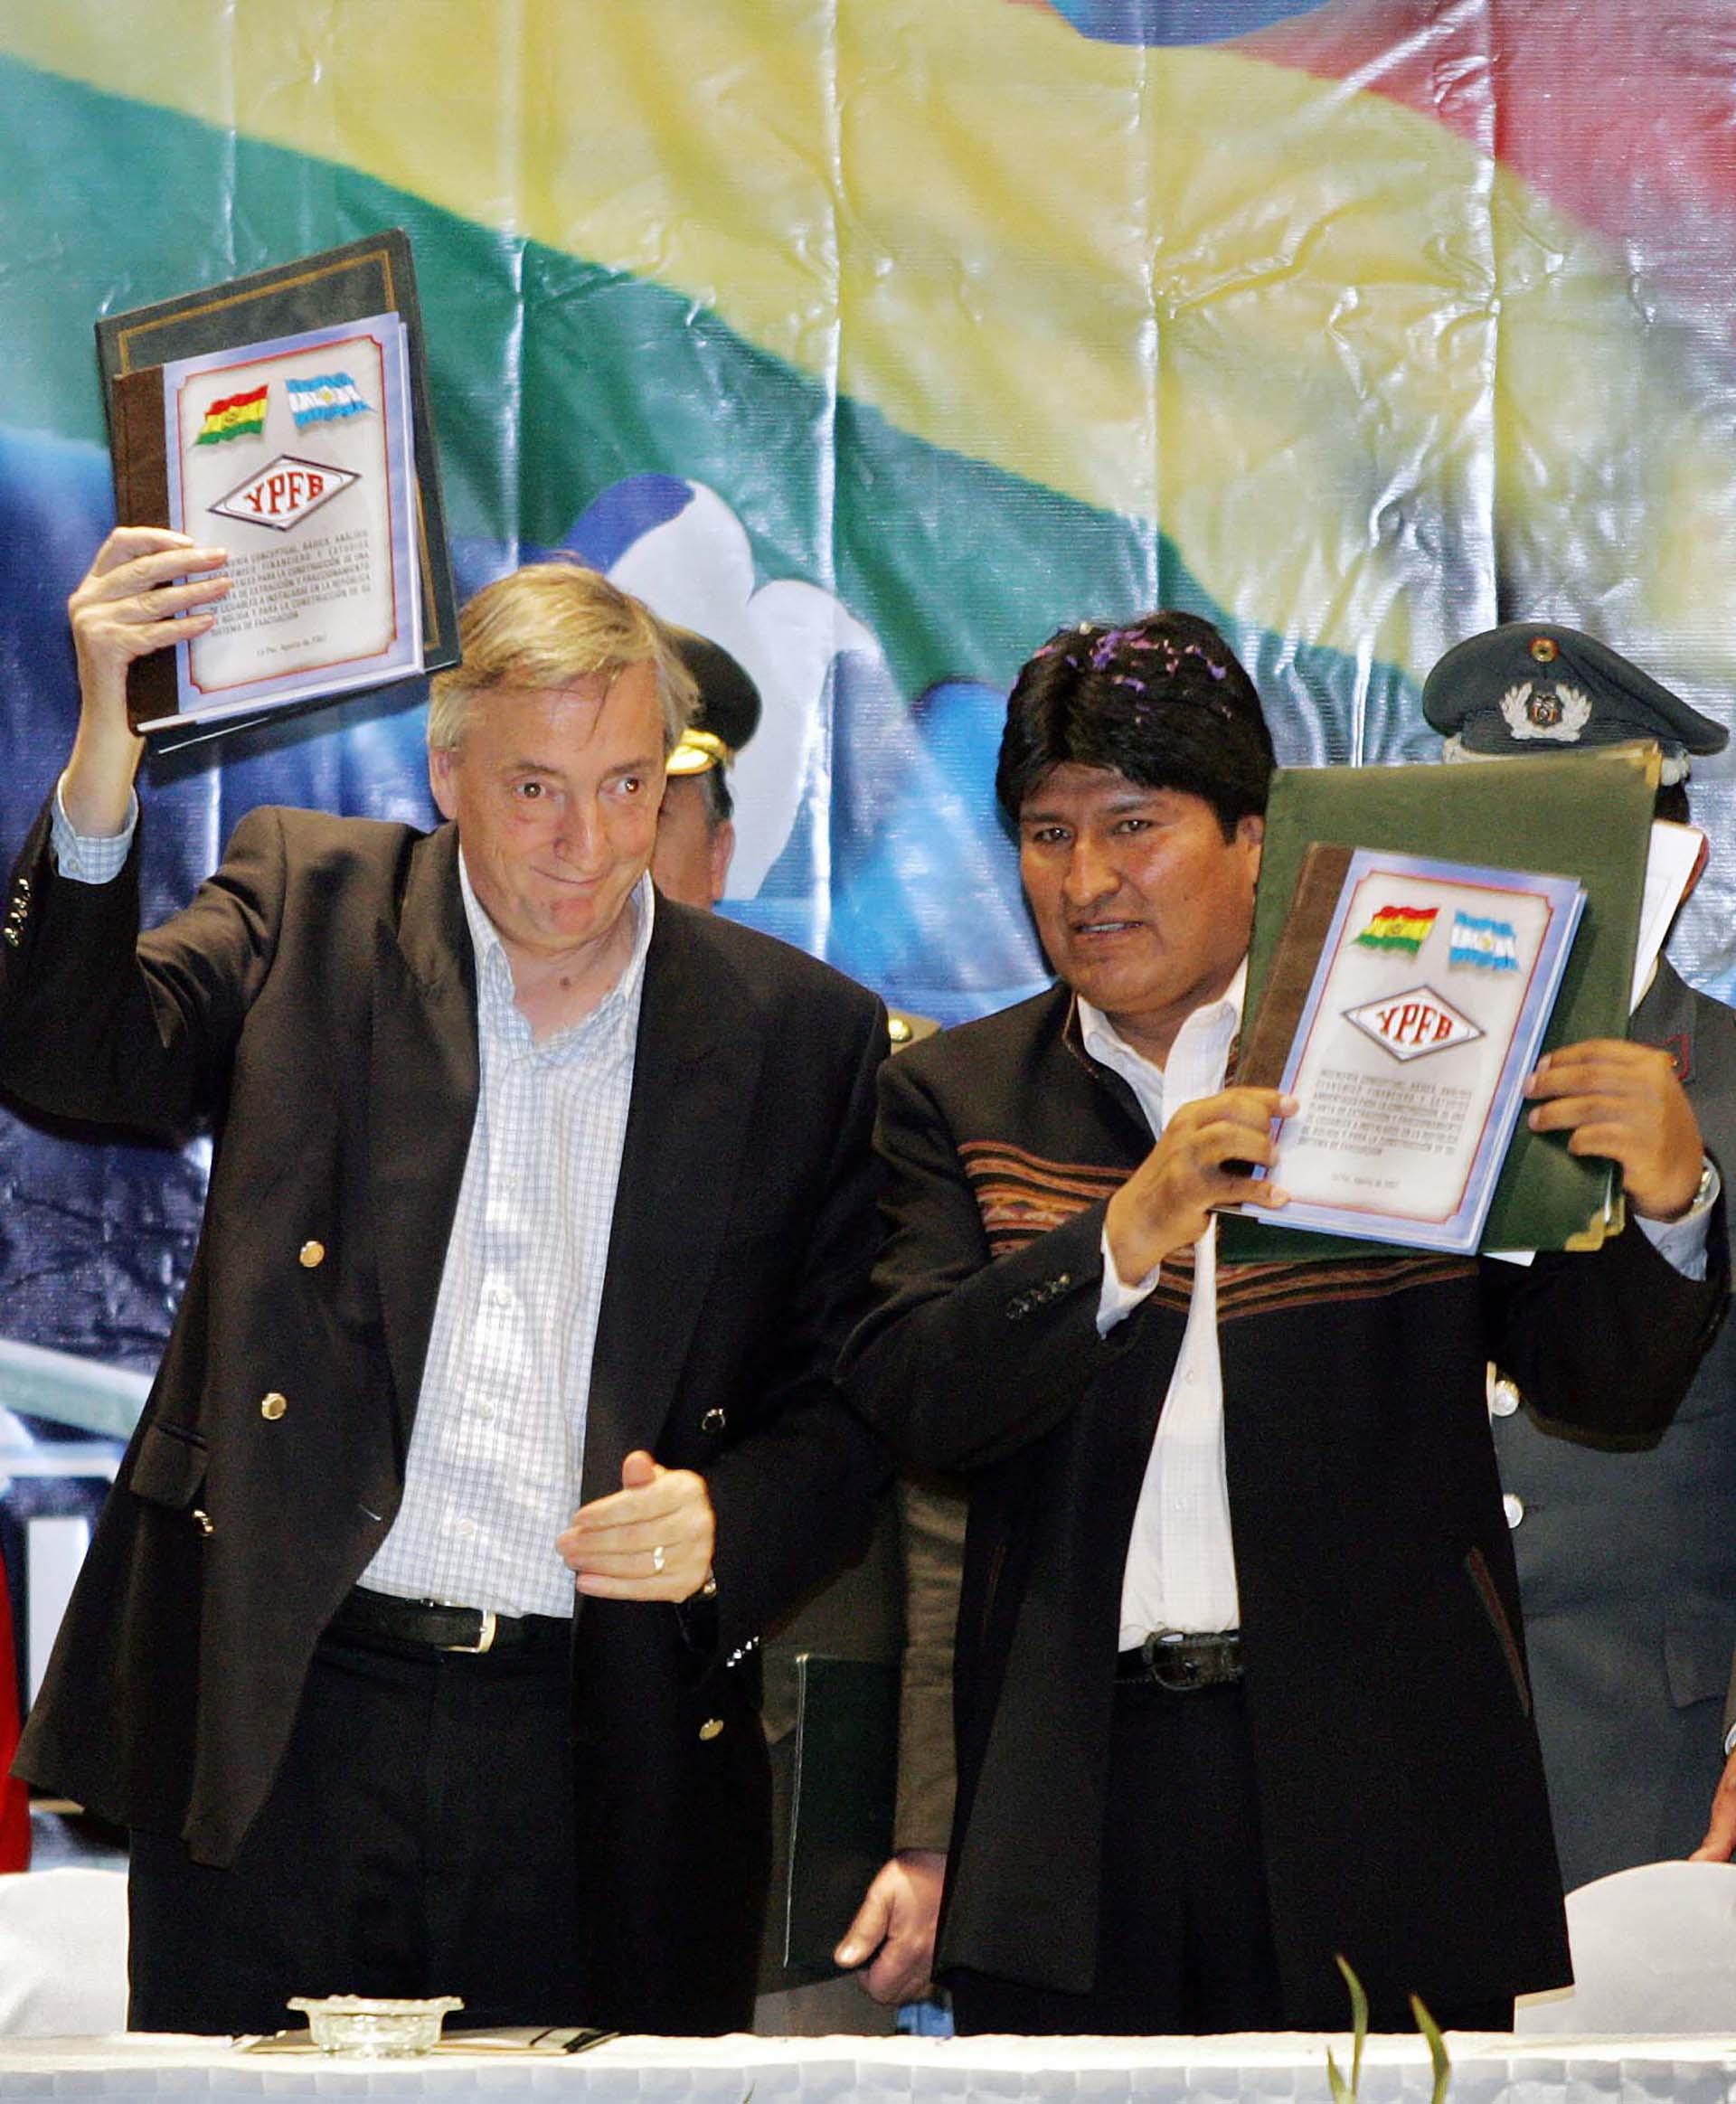 El presidentes de Bolivia, Evo Morales y Néstor Kirchner muestran los acuerdos para la integración energética en el marco de la OPEGASUR (Organización de Países Productores y Exportadores de Gas de América del Sur) después de la ceremonia de firma, 10 de agosto de 2007 en Tarija, sur de Bolivia.